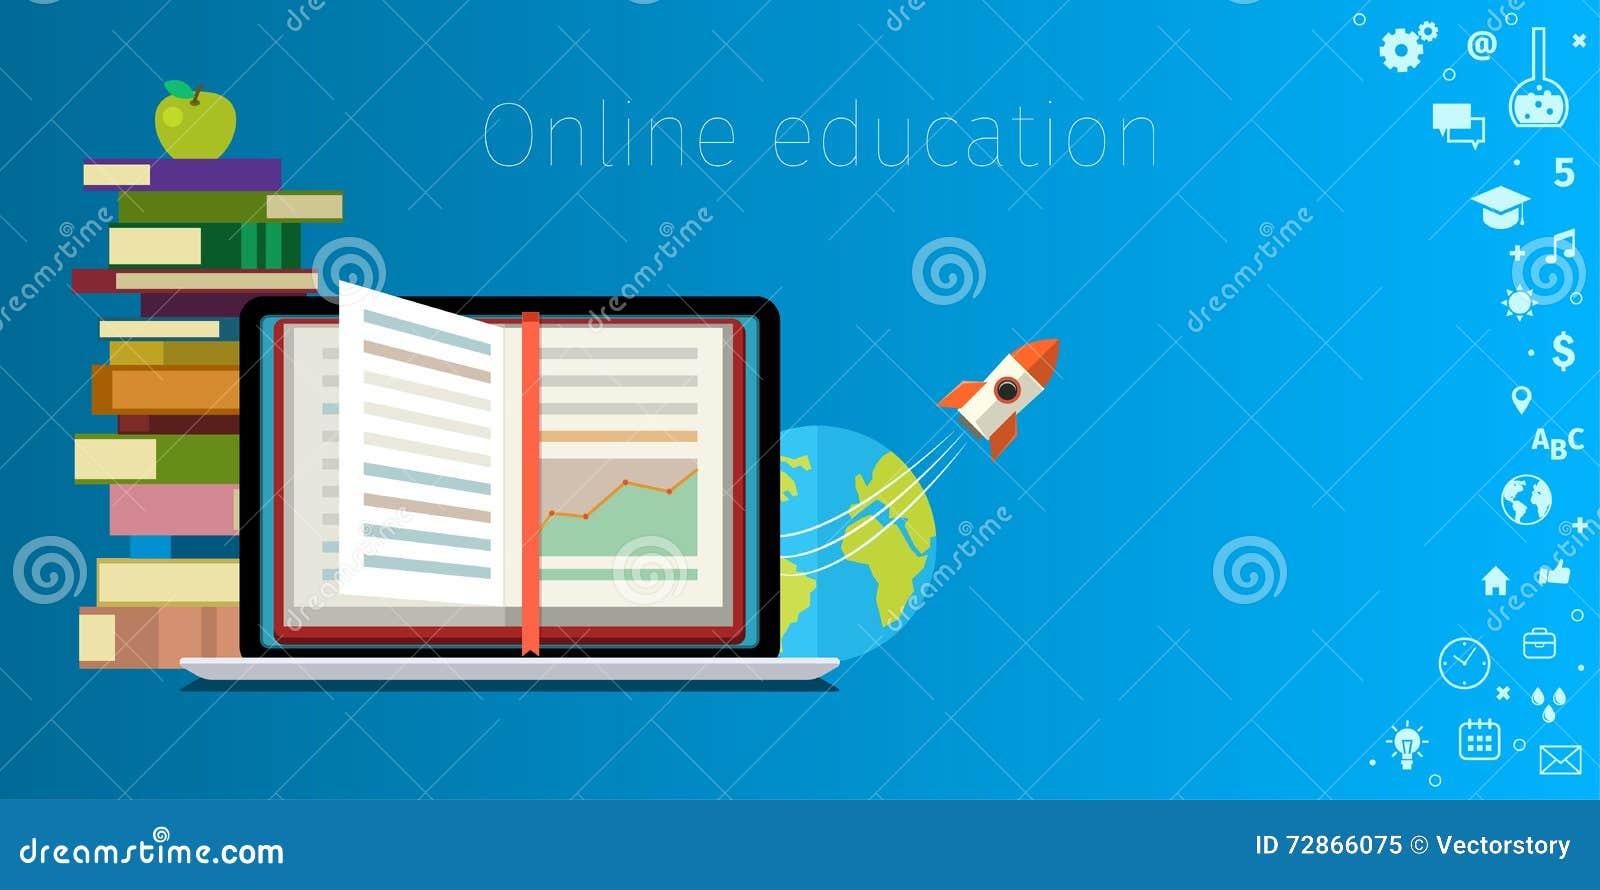 Онлайн концепция образования